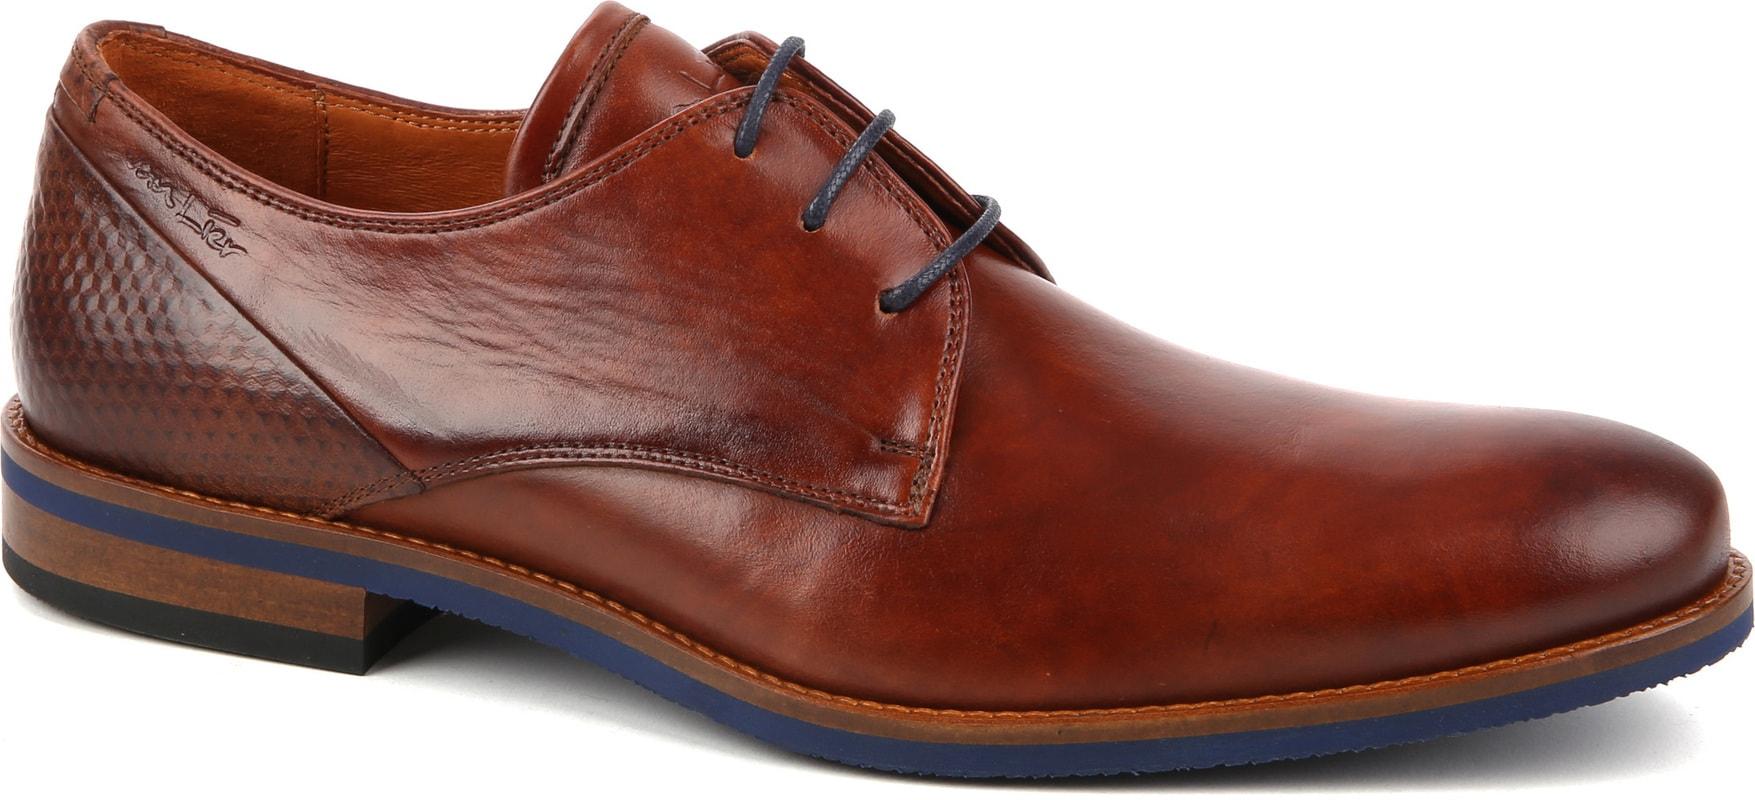 Van Lier Dress Shoes Nubuck Combi Cognac photo 0